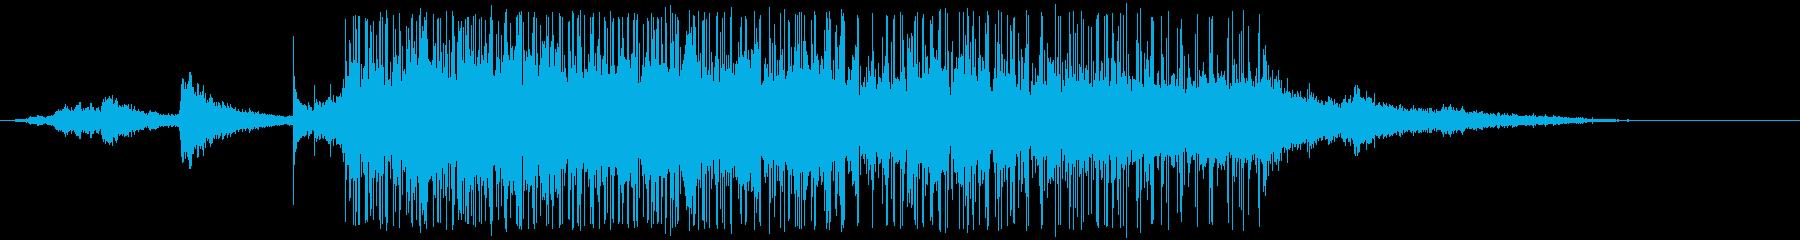 ブラインド信号の再生済みの波形